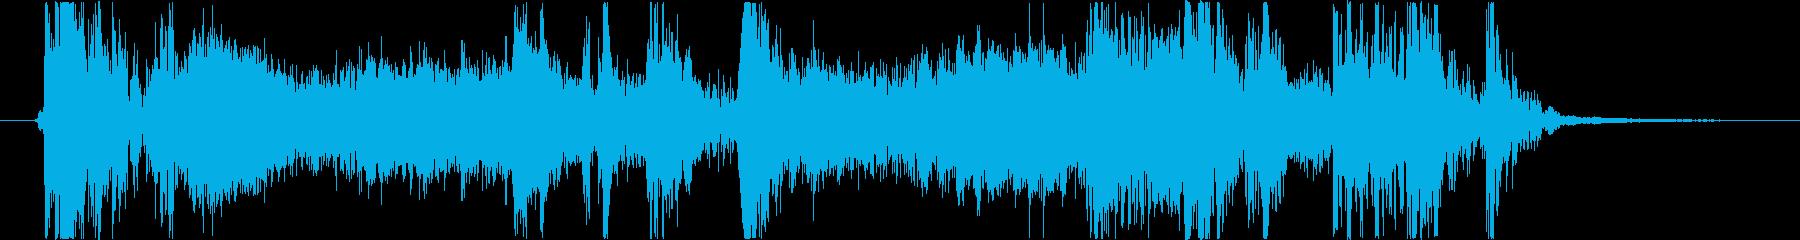 フィクション 力学 機械変換01の再生済みの波形